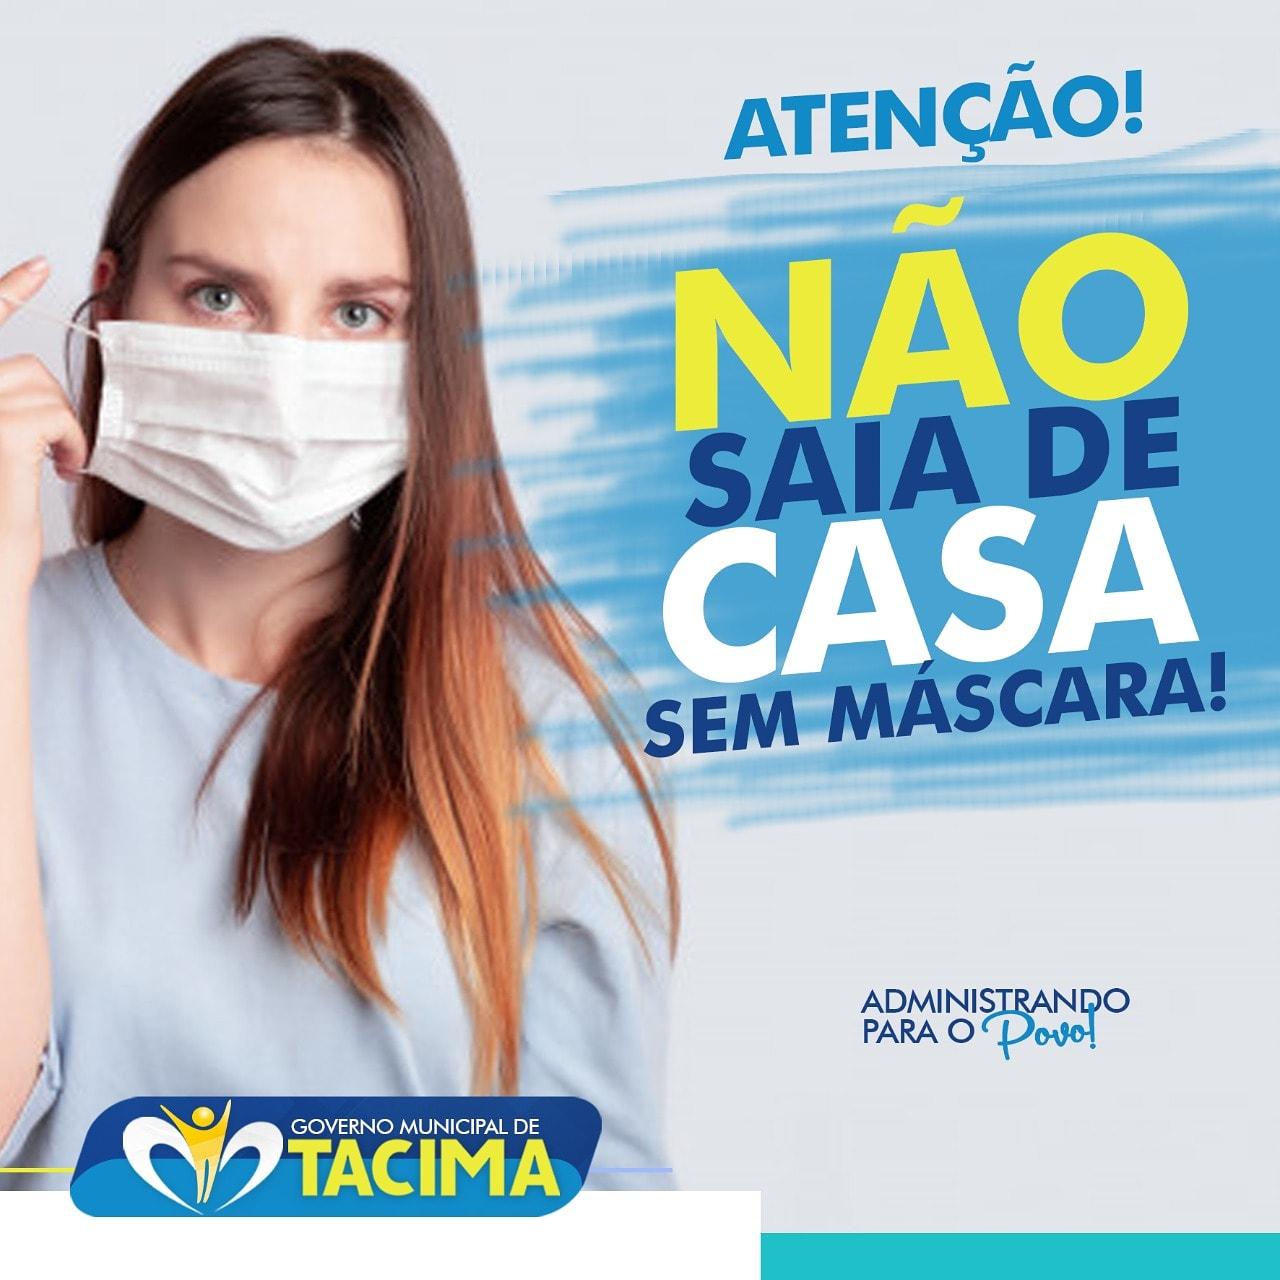 AO SAIR DE CASA, USE MÁSCARA!